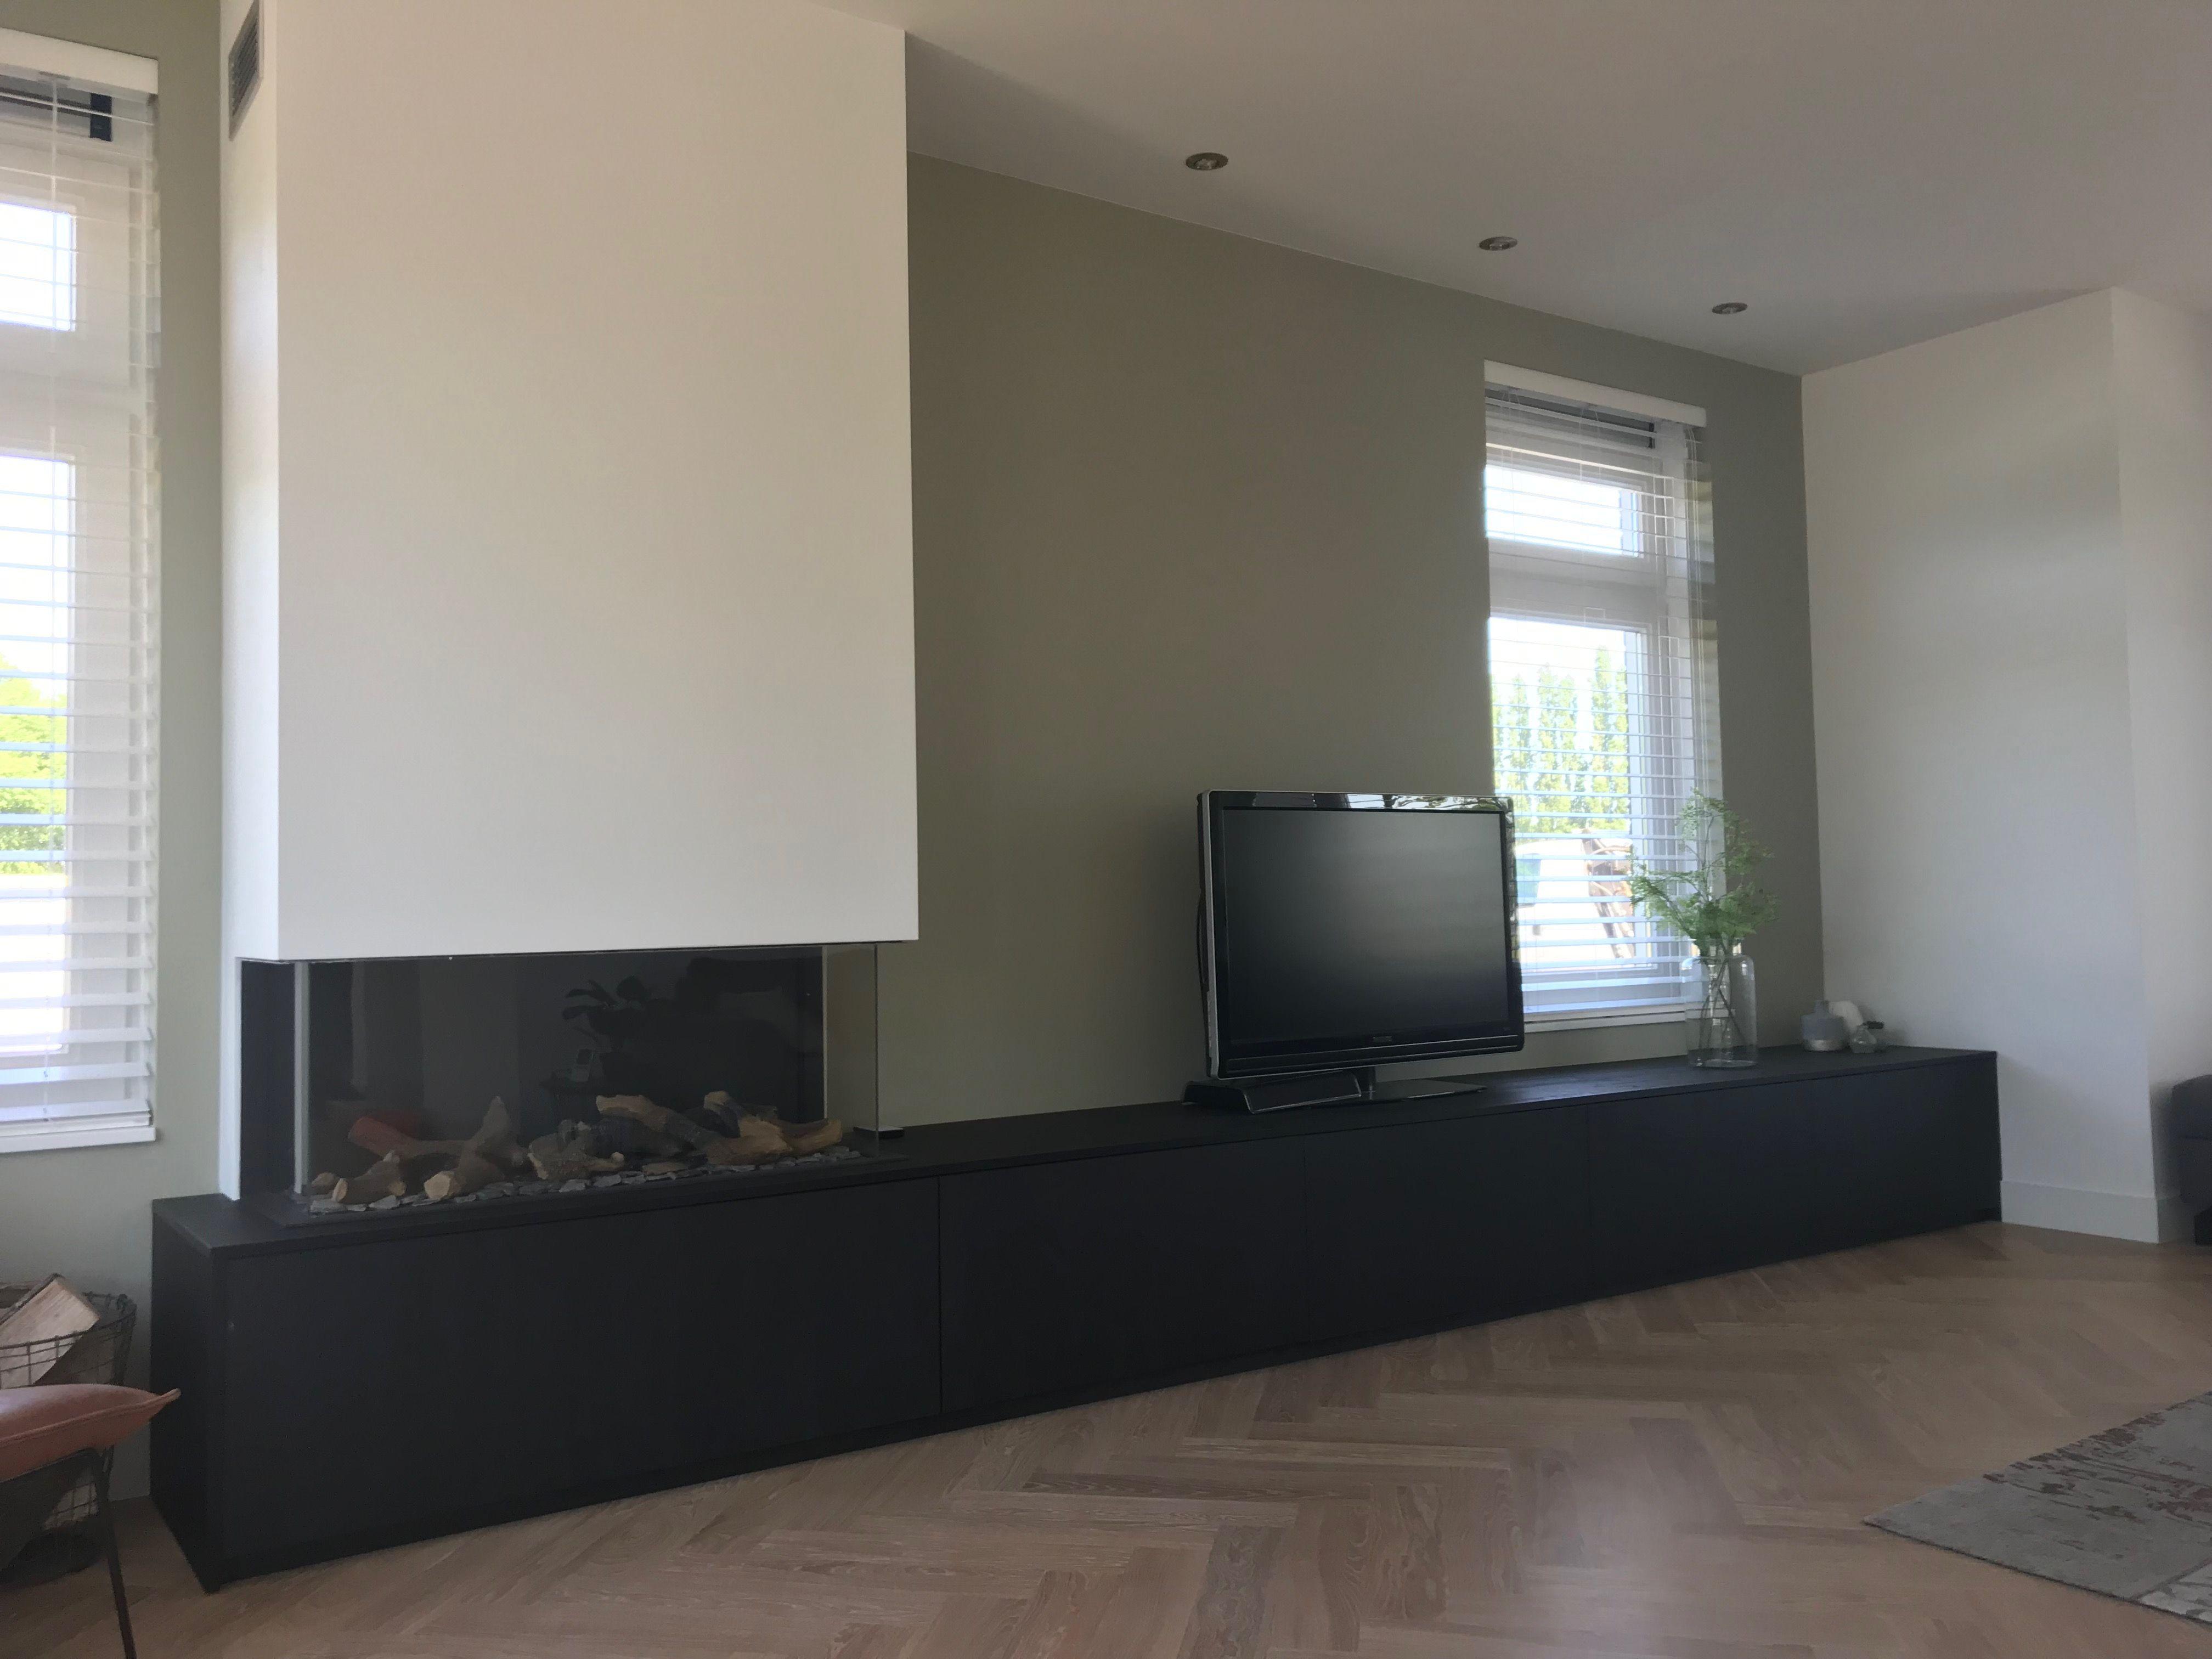 Tv Kast Nl : Haard tv kast in zwarte fineer look. ontwerp en realisatie www